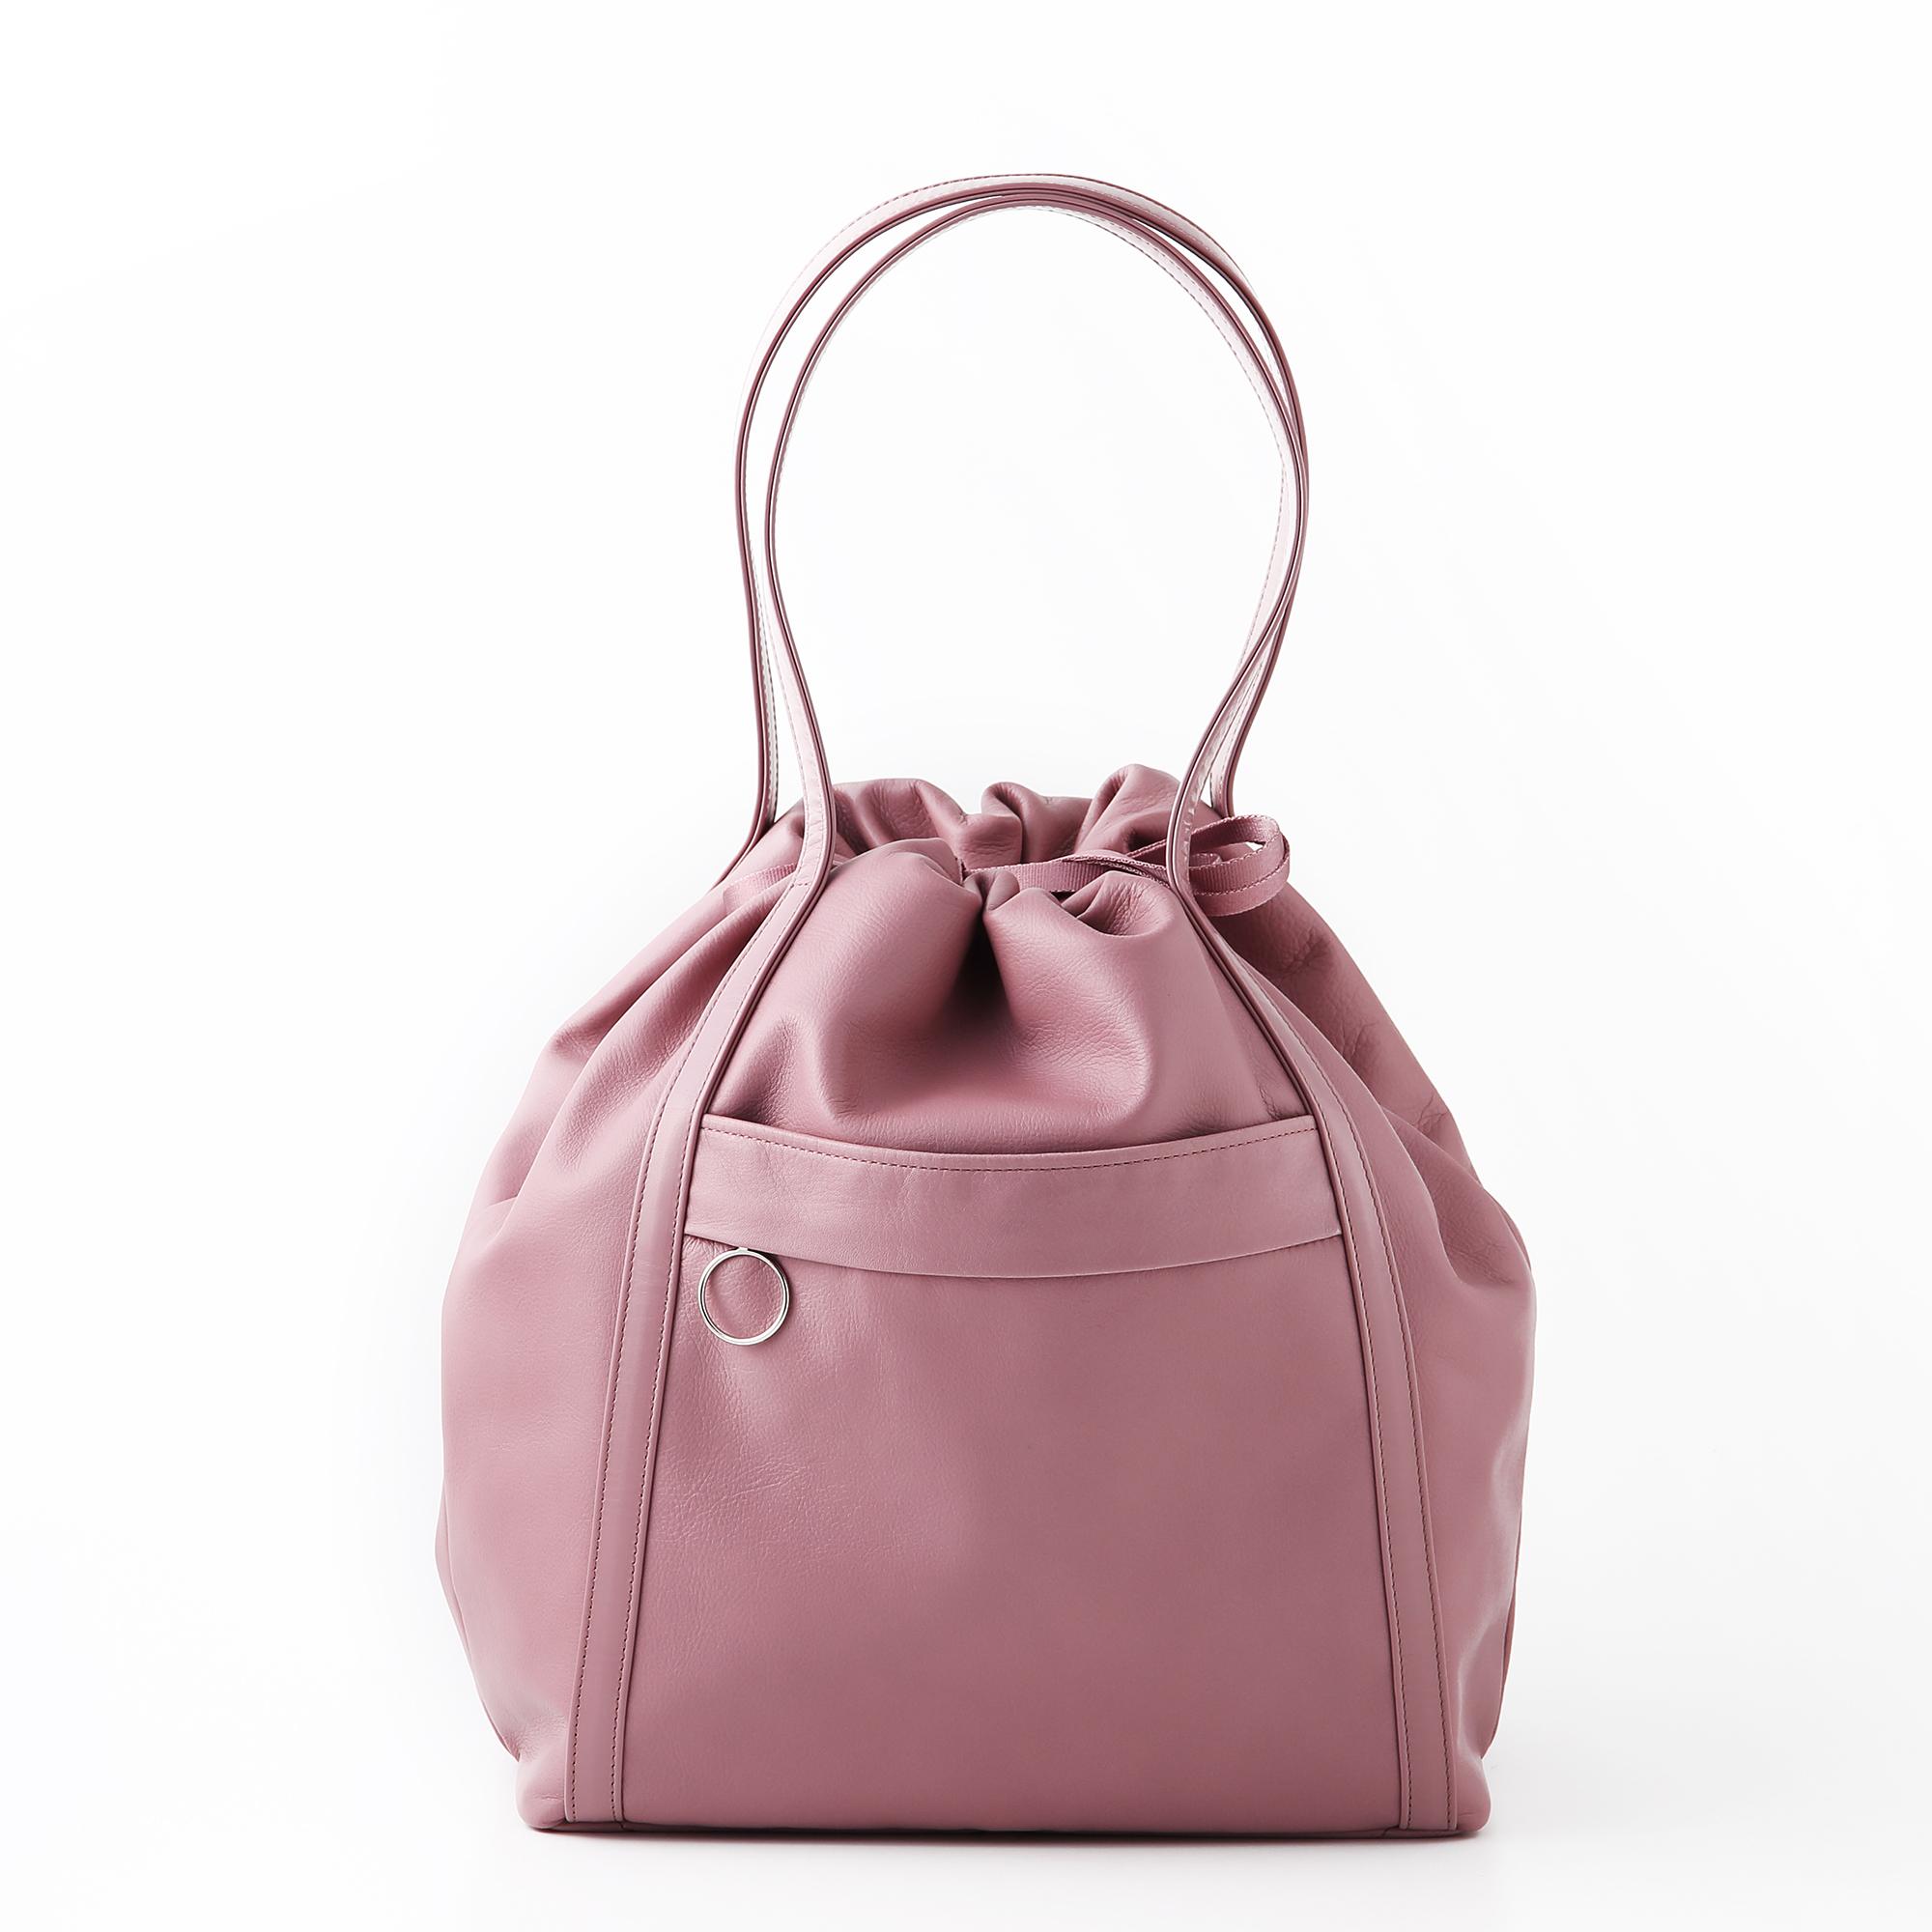 レディースバッグで人気のピンクのハンドバッグ